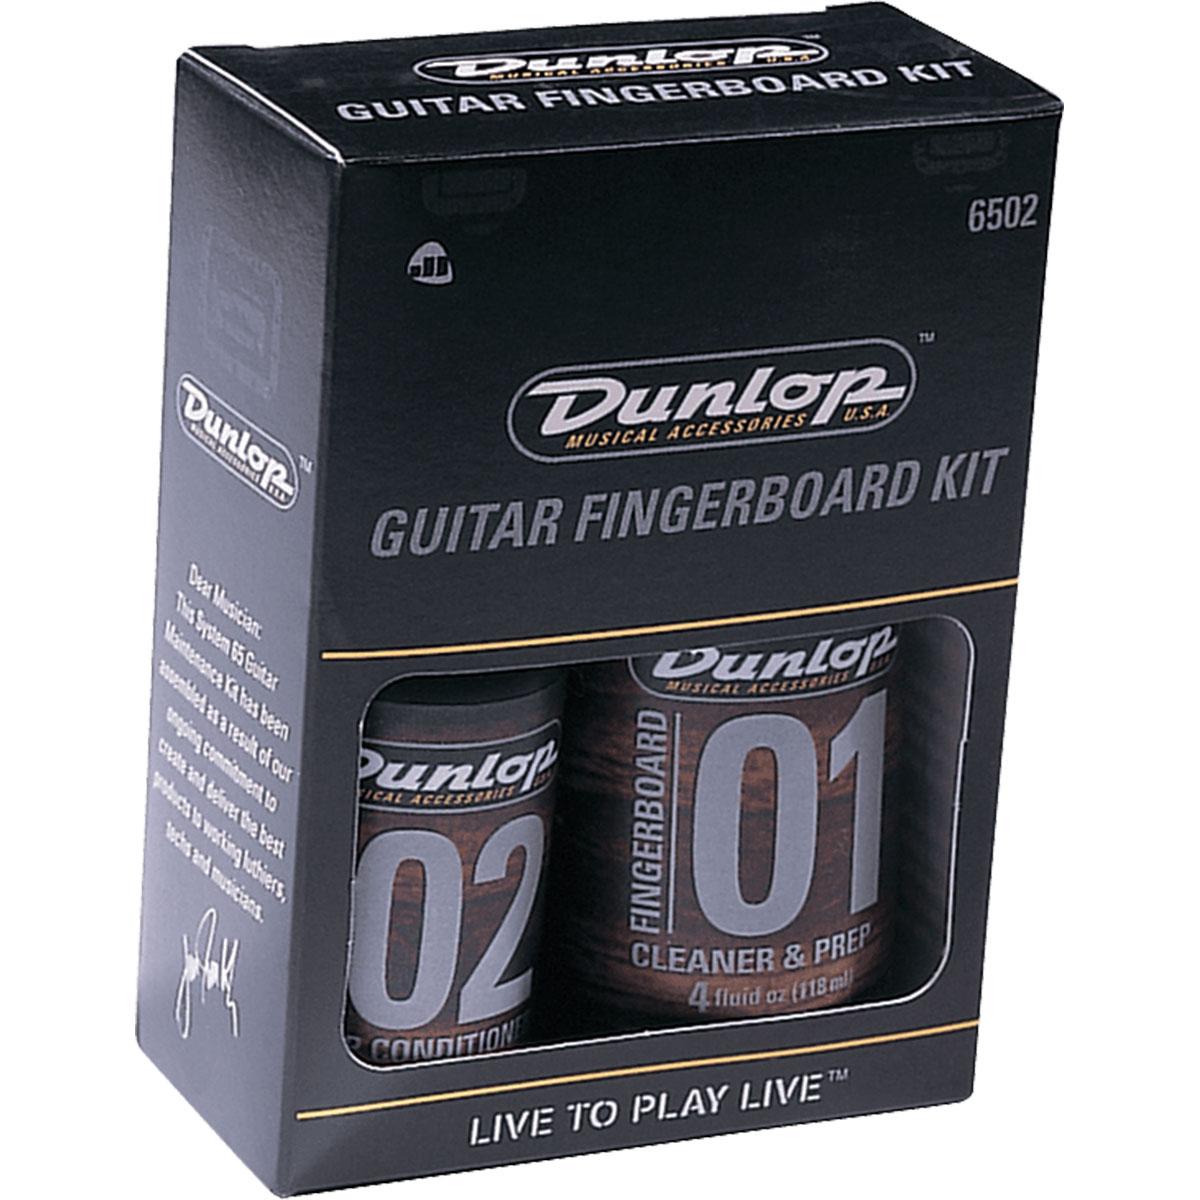 Dunlop - Kit pour touche de guitare ou basse 6502